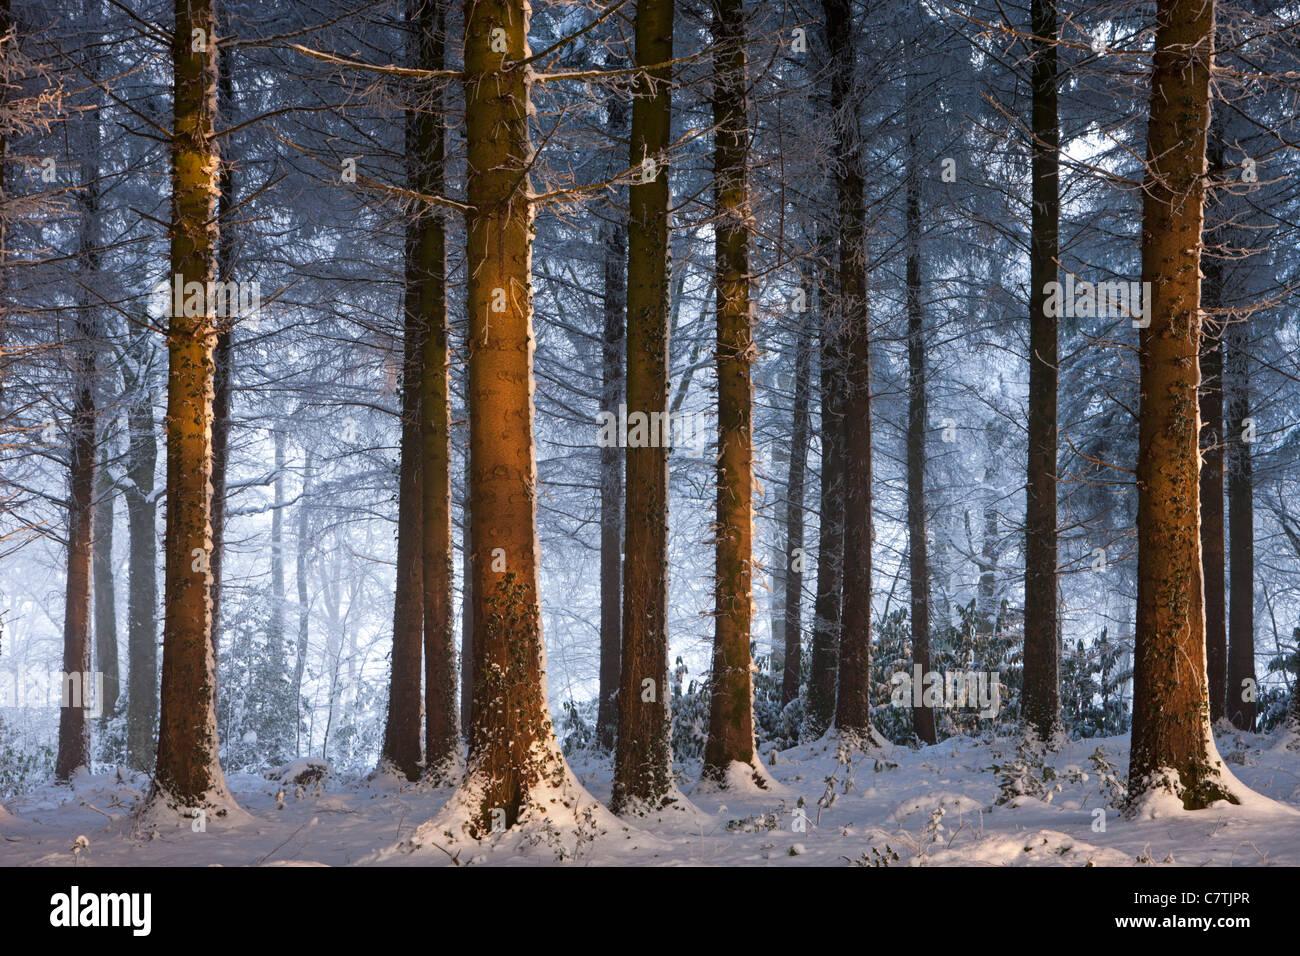 Schneebedeckte Winter Wald, Morchard Wood, Devon, England. Dezember 2010. Stockbild